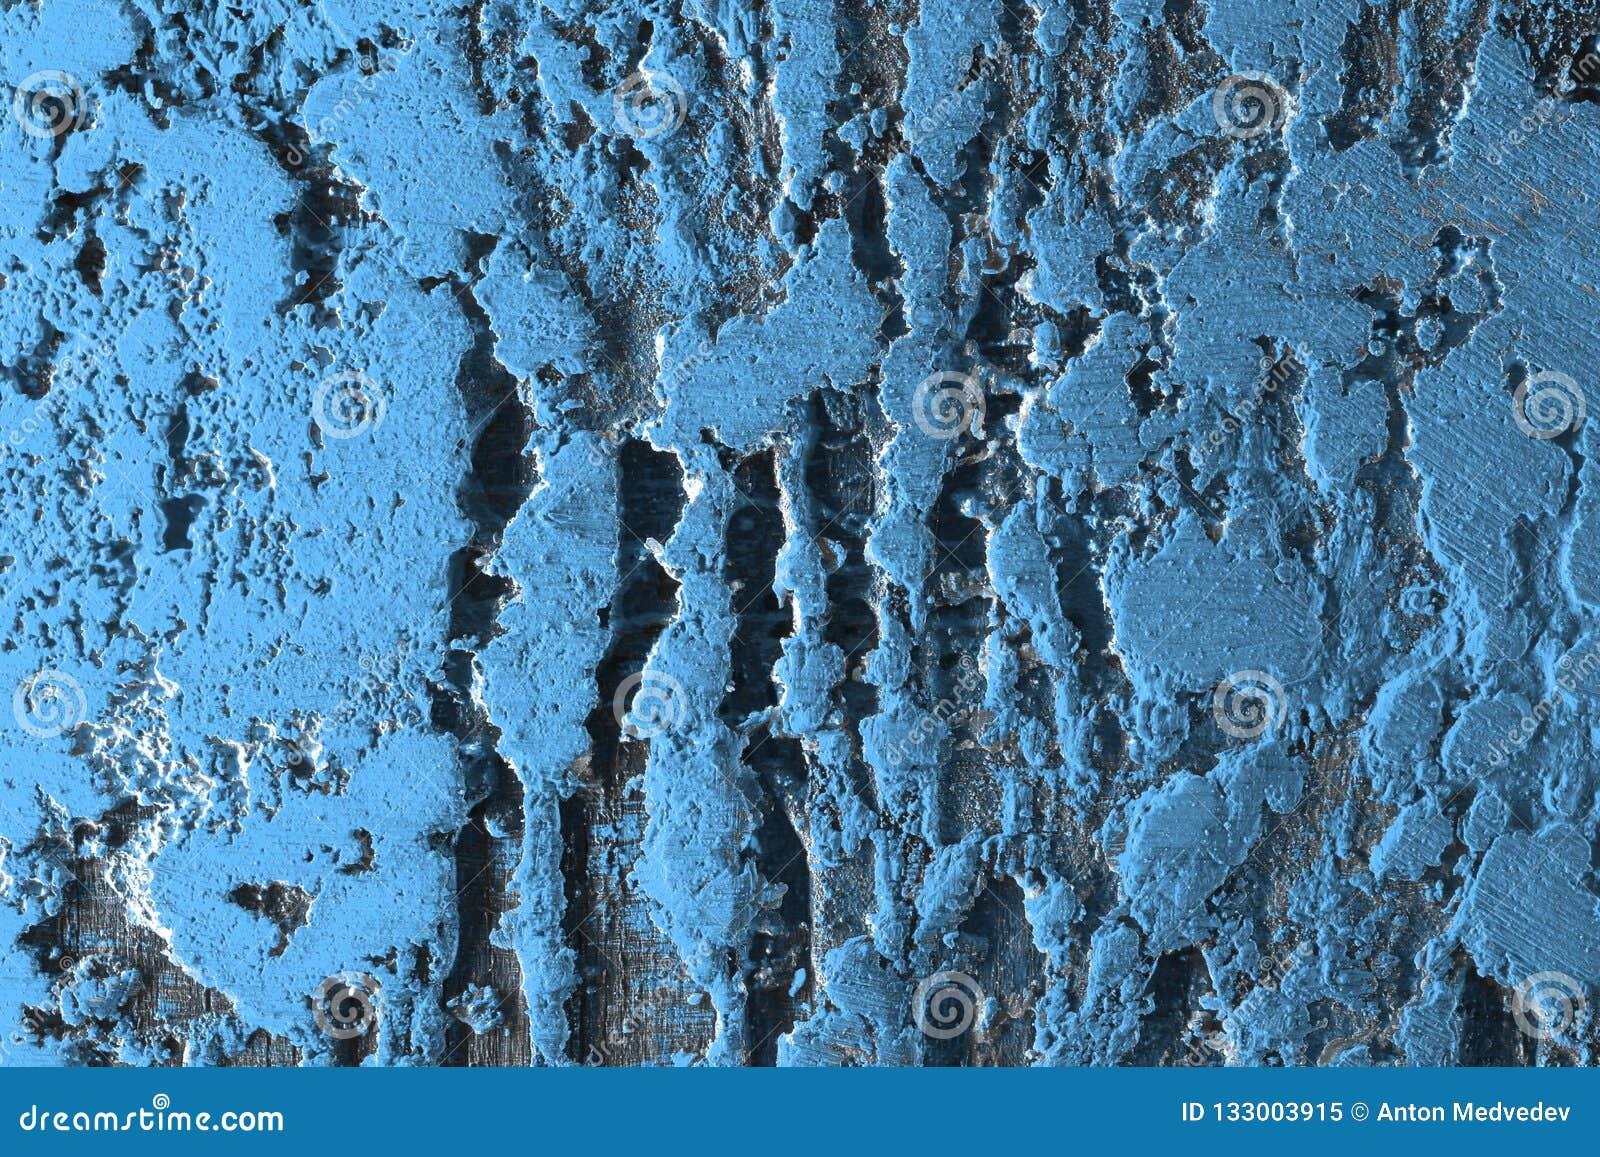 Blå celebratory stil markerade volymetrisk plattatextur - härlig abstrakt fotobakgrund